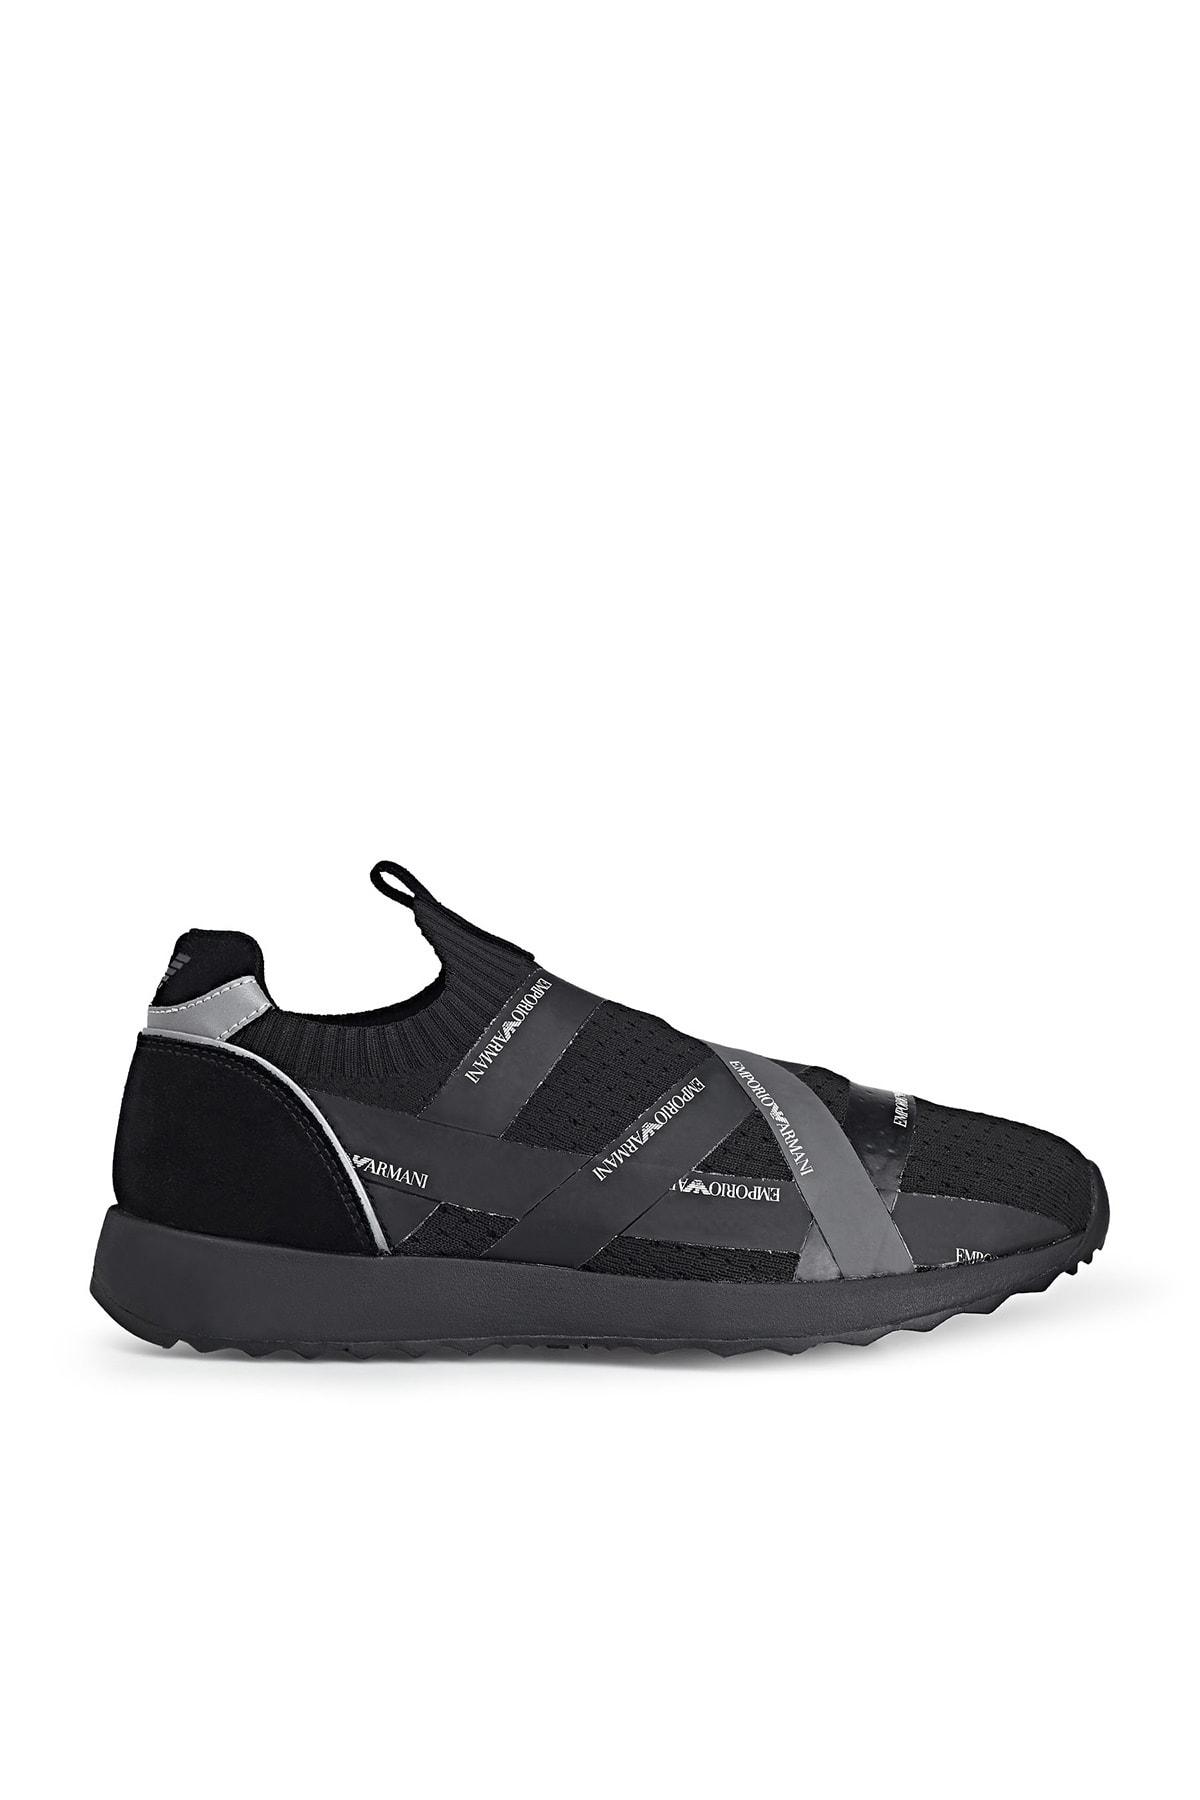 Erkek Siyah Ayakkabı S X4x253 Xl692 L057